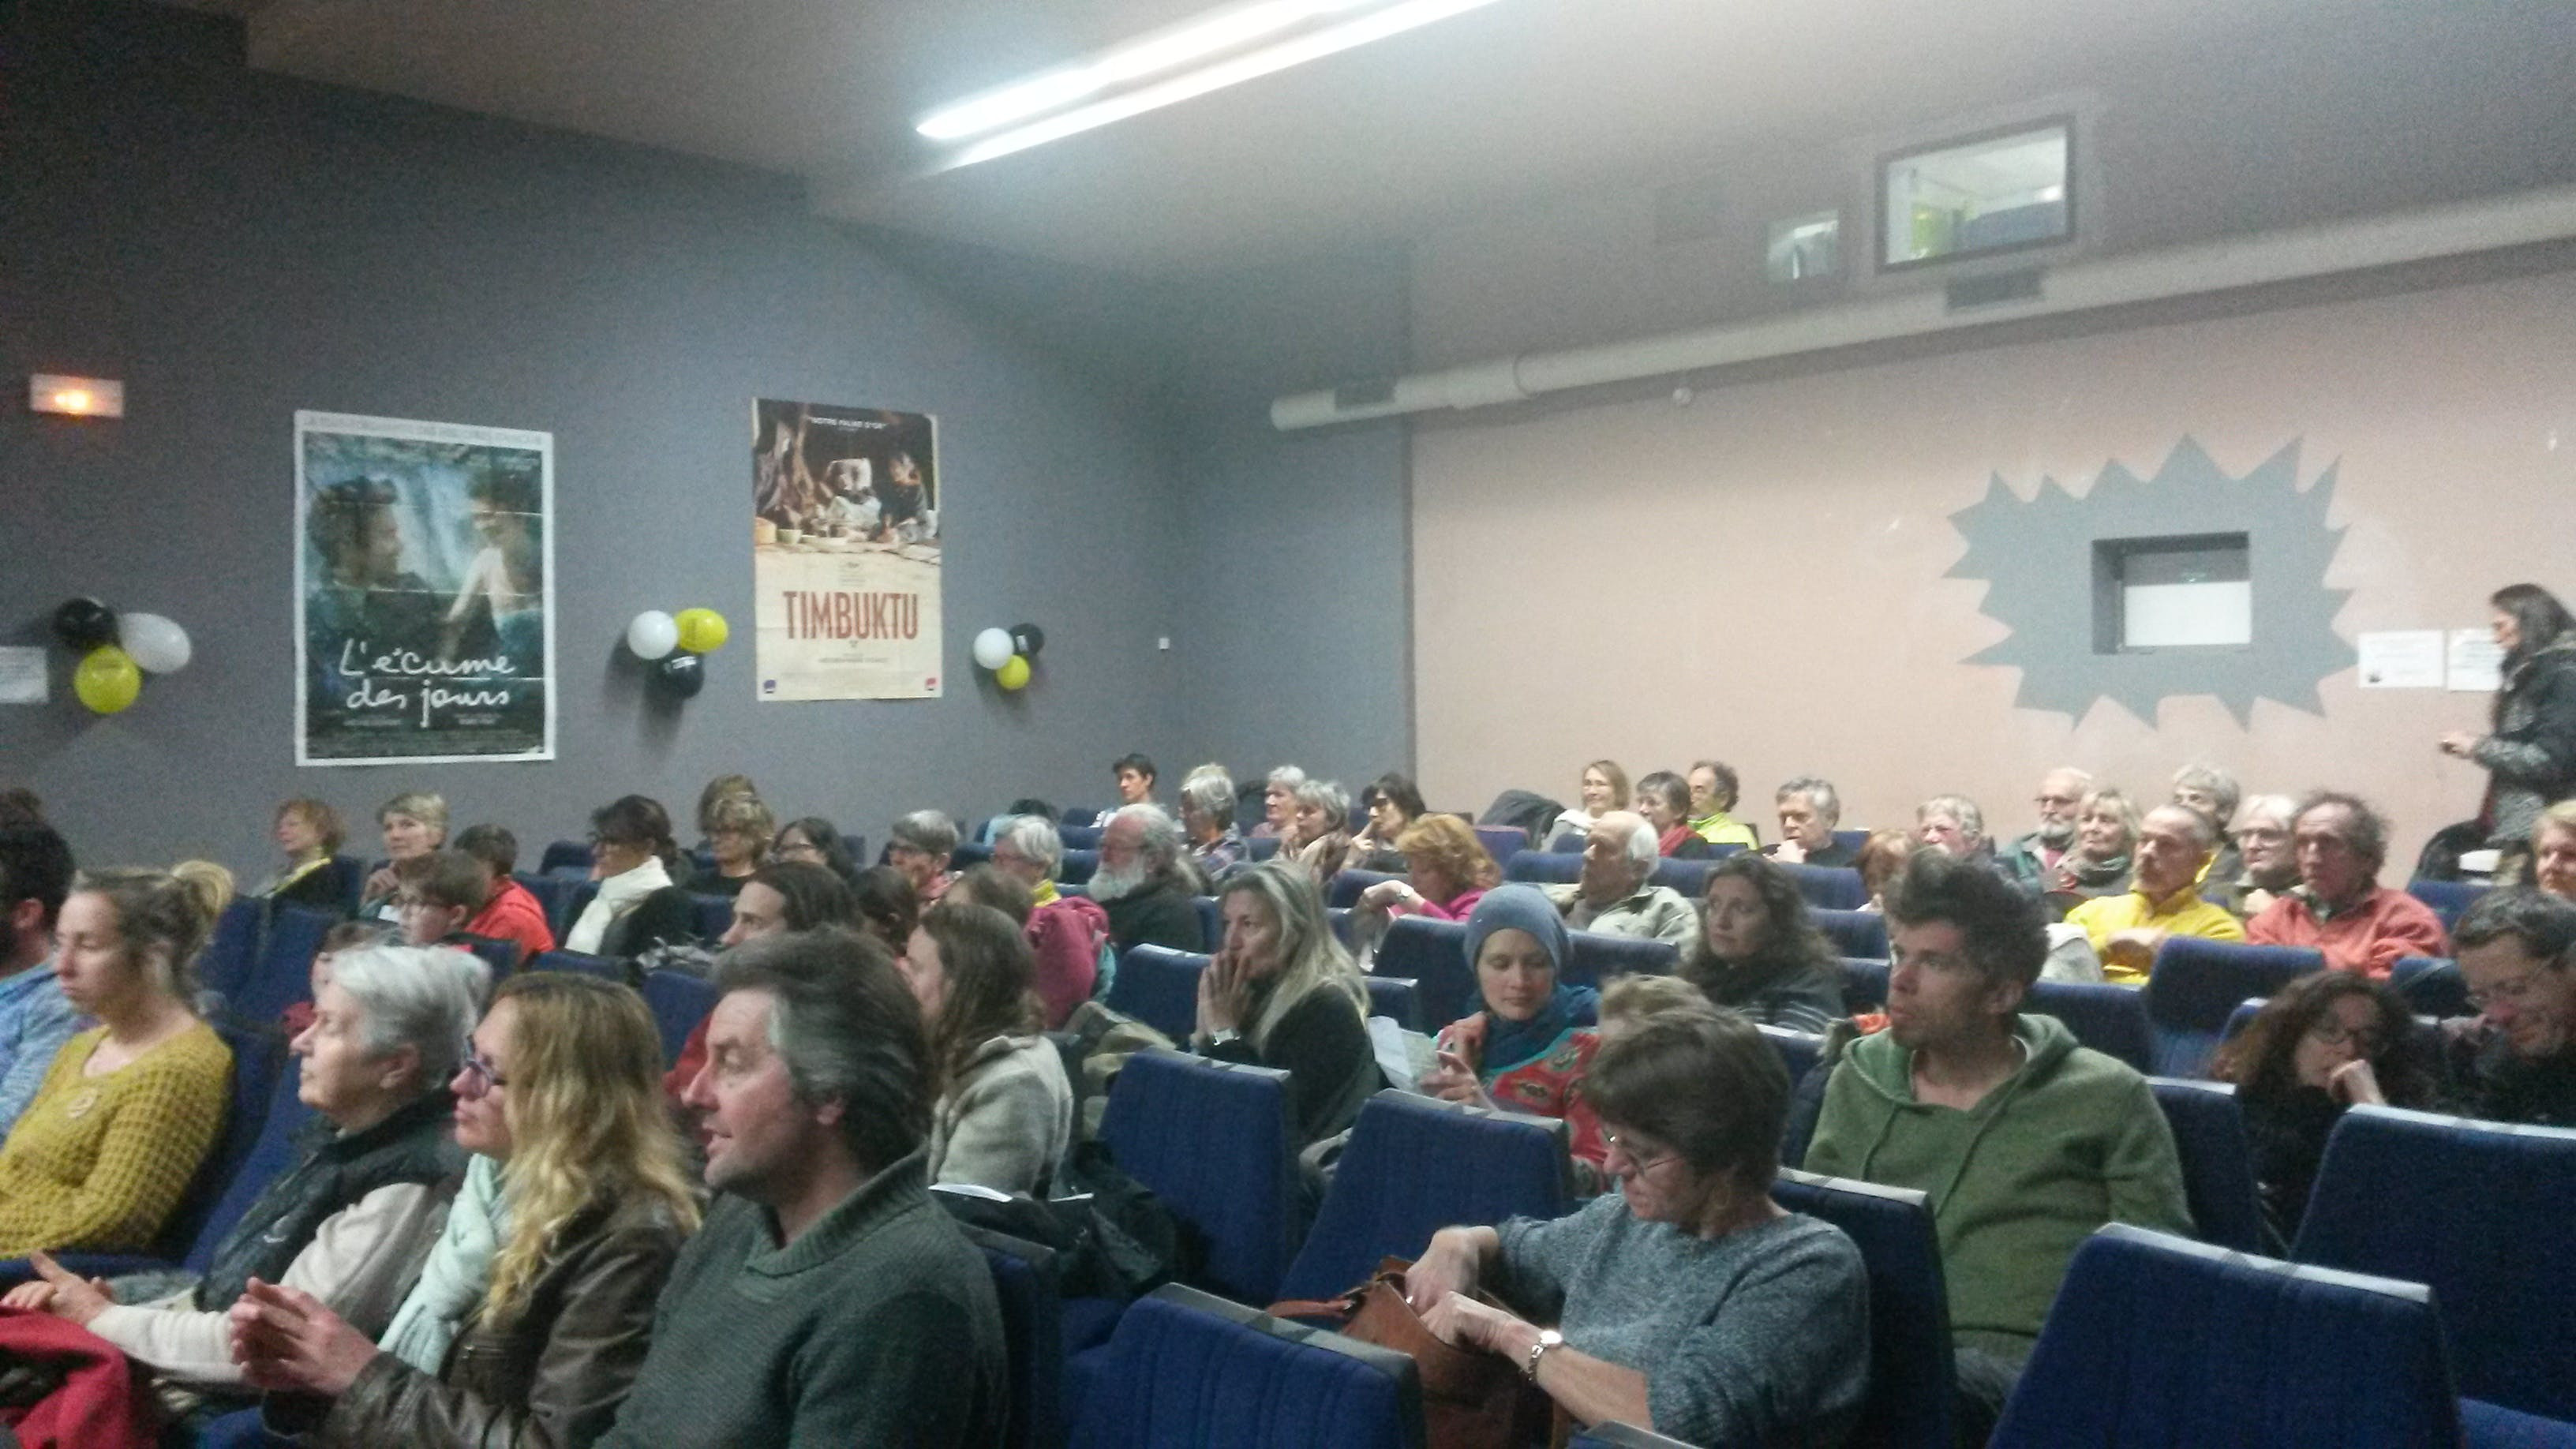 Festival au cinéma pour les droits humains